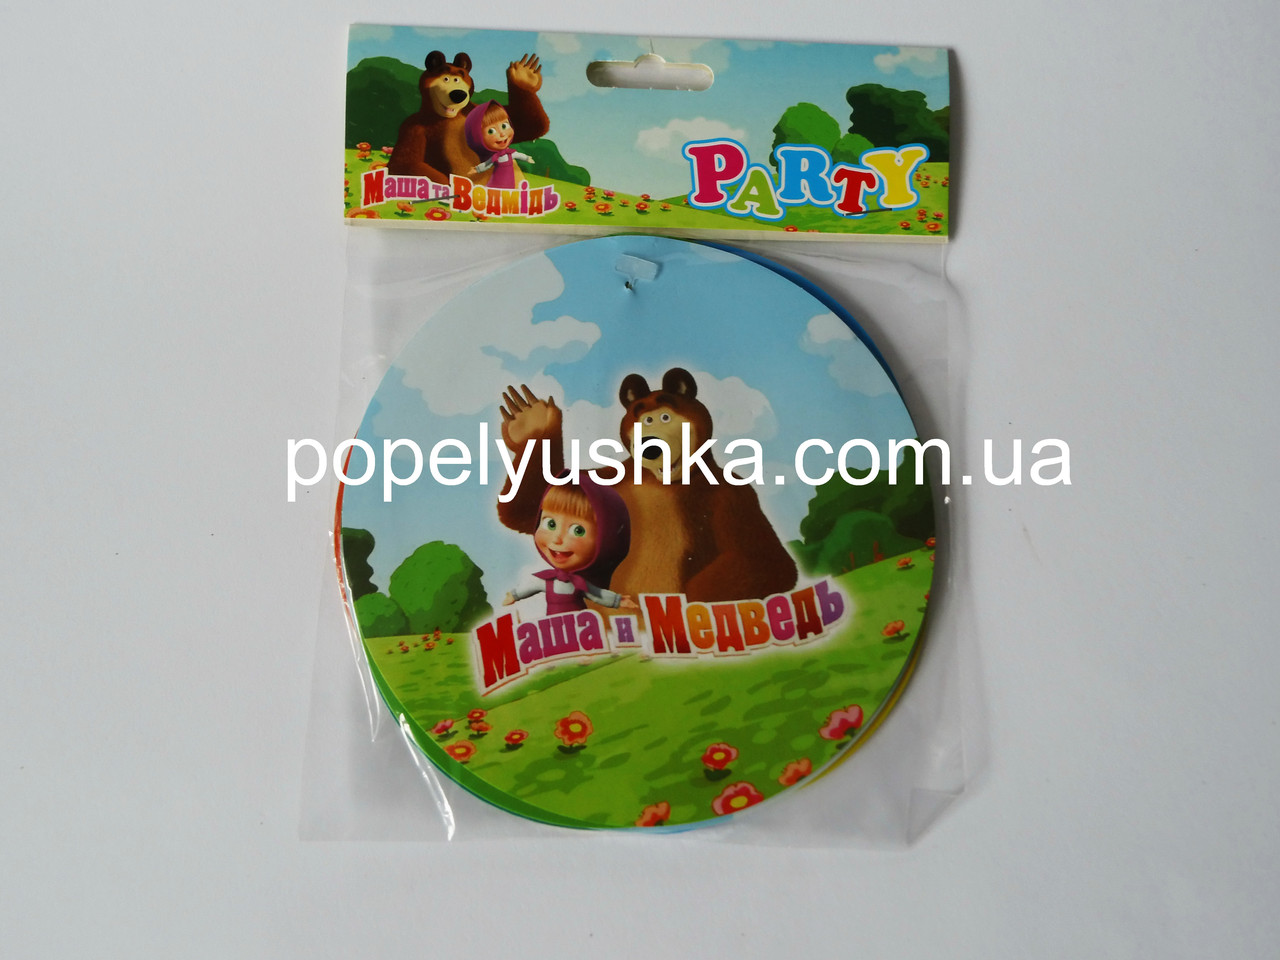 """Гірлянда кульками  """"Маша і ведмідь"""" (в розпакованому вигляді, для зразка. гірлянда  з іншої серії)"""